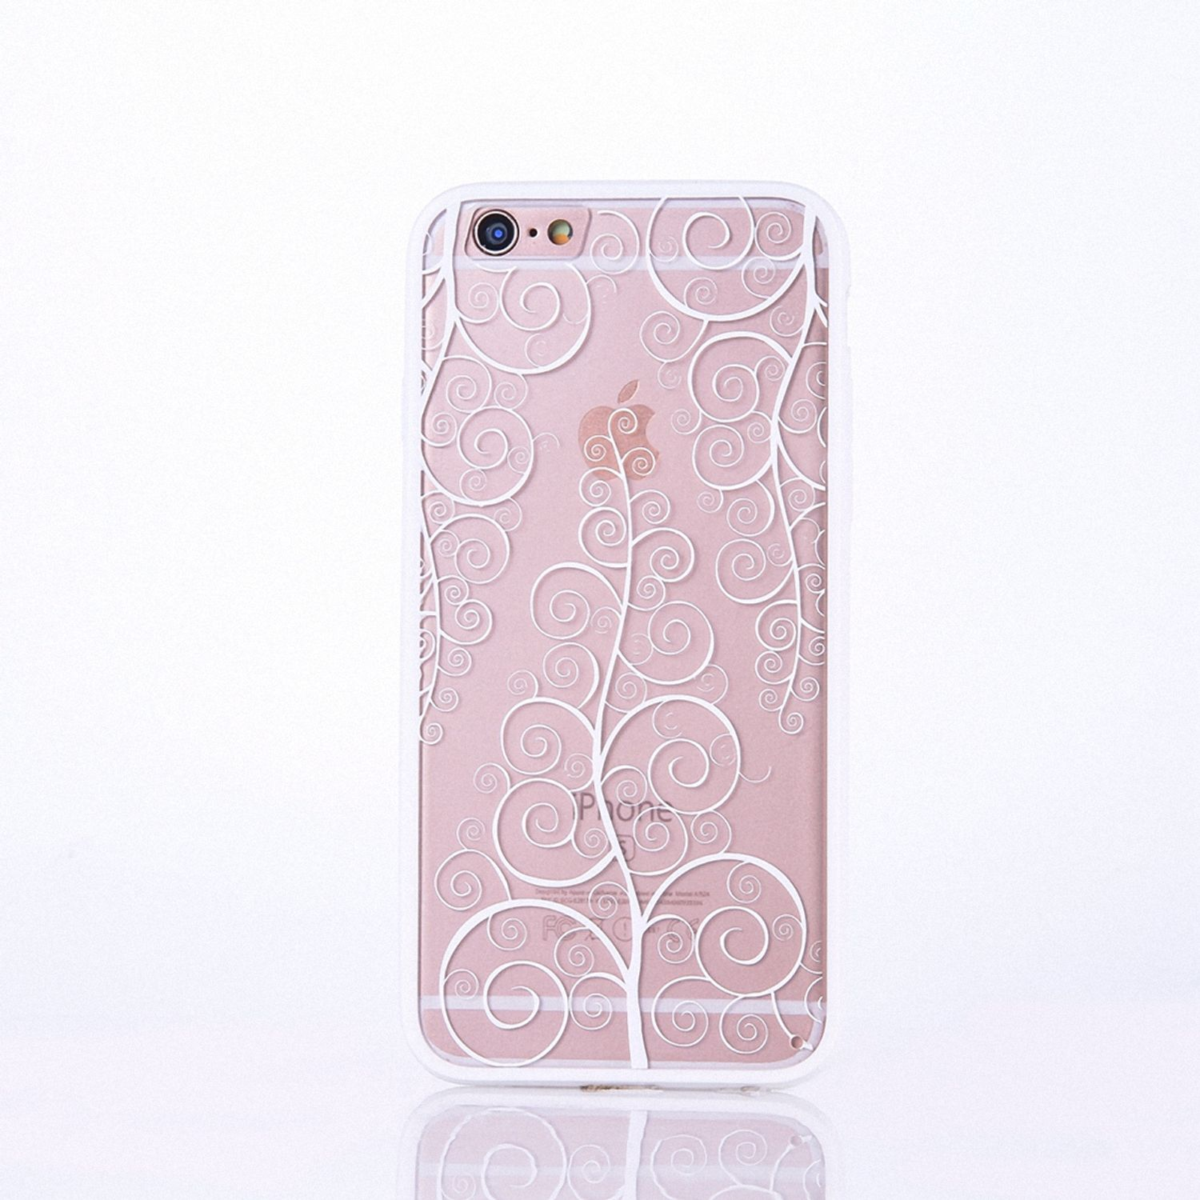 Handy Hülle Mandala für Apple iPhone 8 Plus Design Case Schutzhülle Motiv Blume Cover Tasche Bumper Weiß